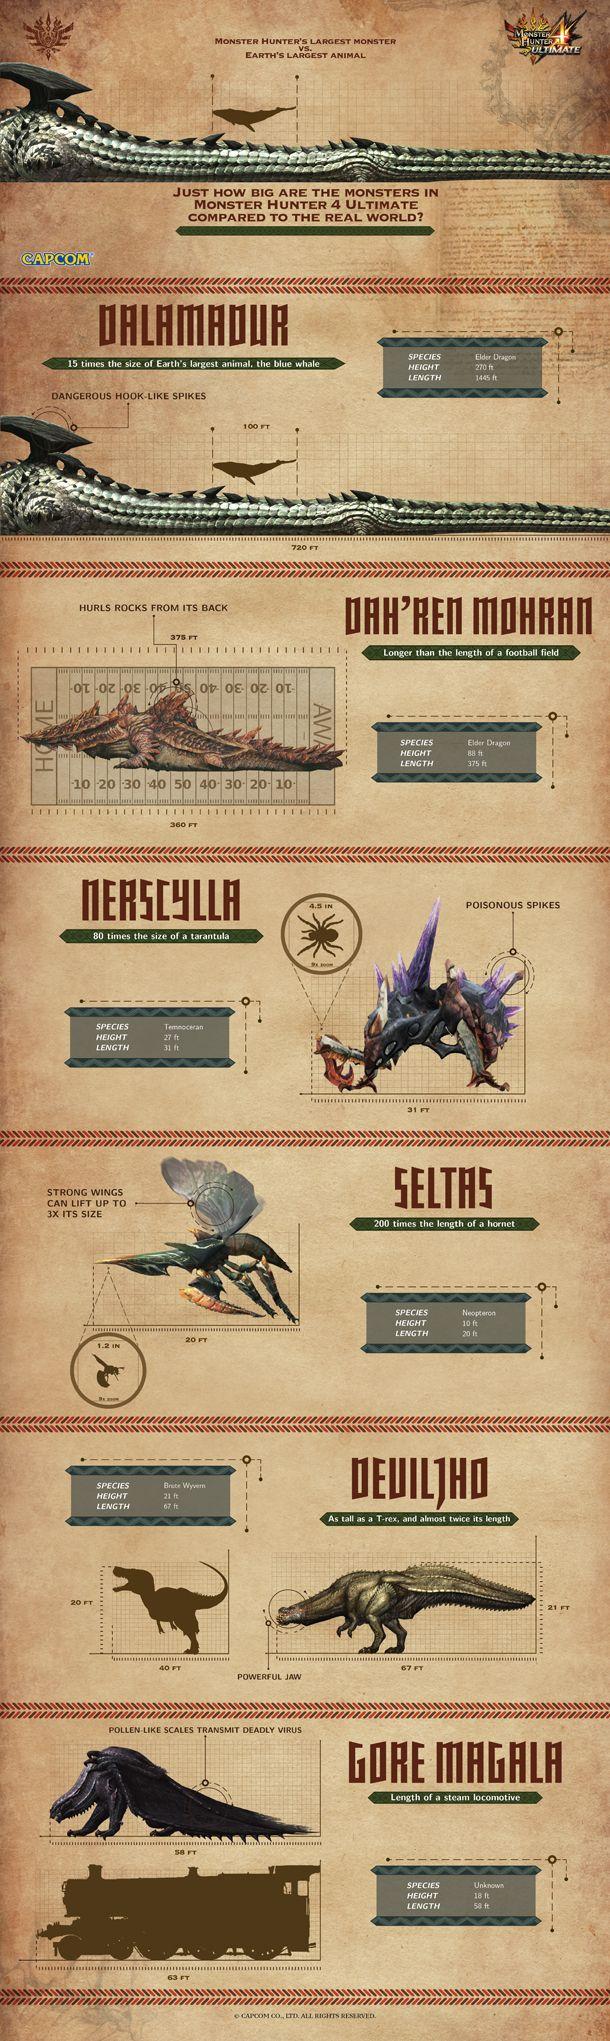 100 Monster Hunter Ideas In 2020 Monster Hunter Monster Hunter Art Monster